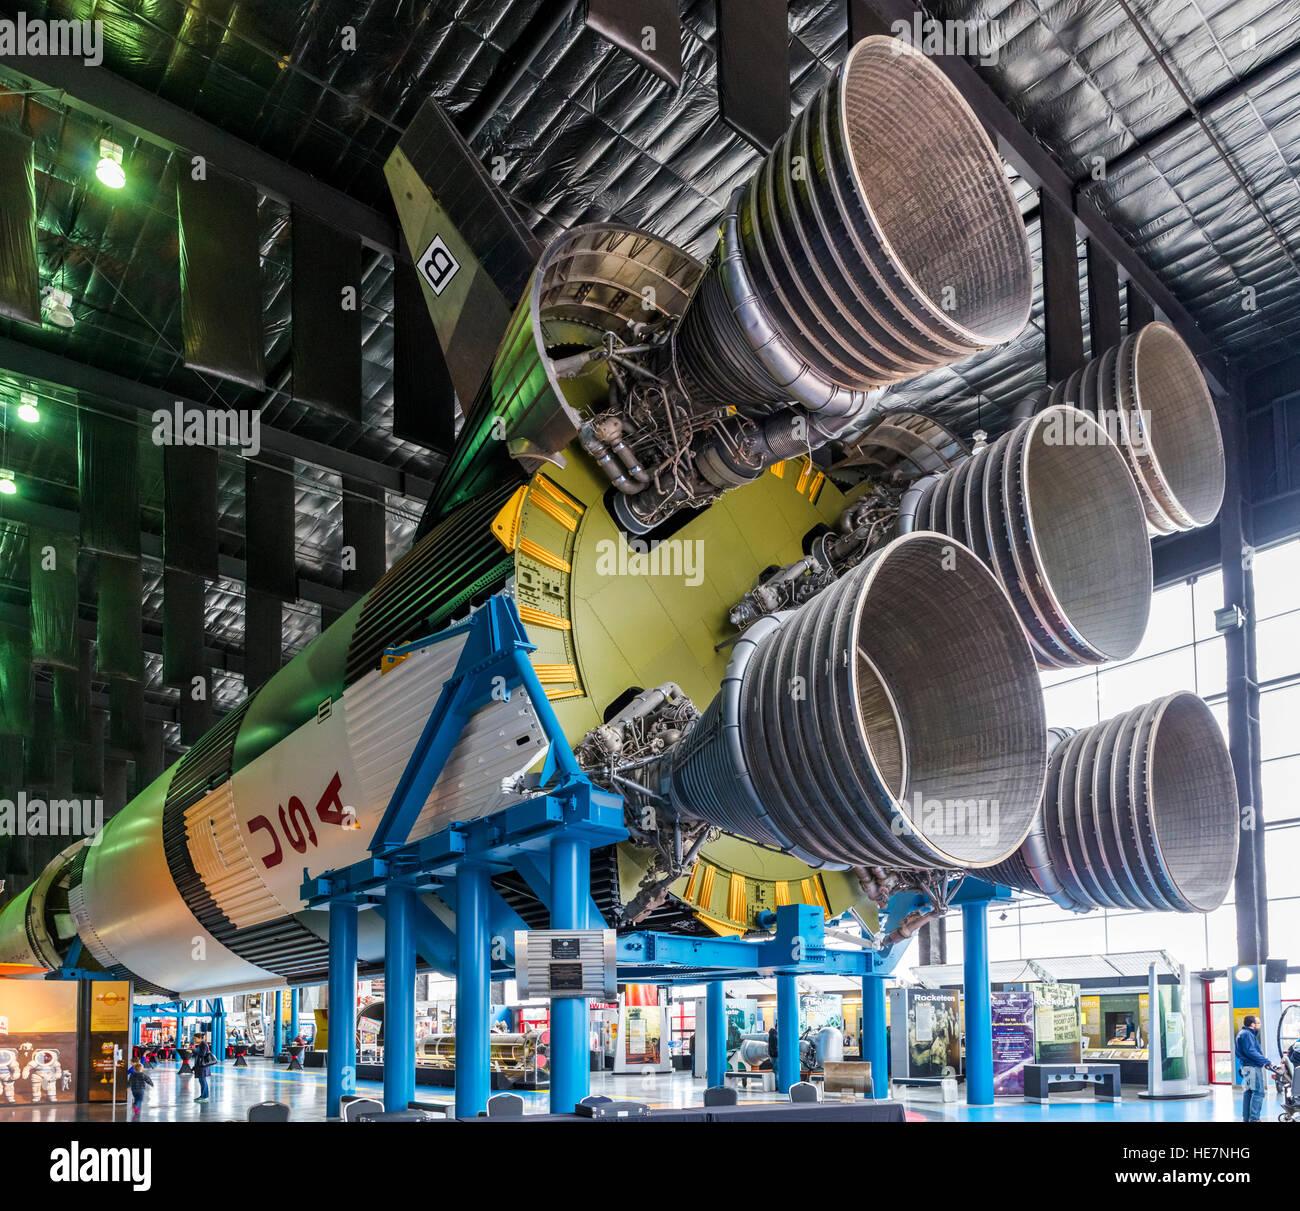 Saturn V Rocket (Saturn V Dynamic Test Vehicle - SA-500D) at the US Space and Rocket Center, Huntsville, Alabama, - Stock Image